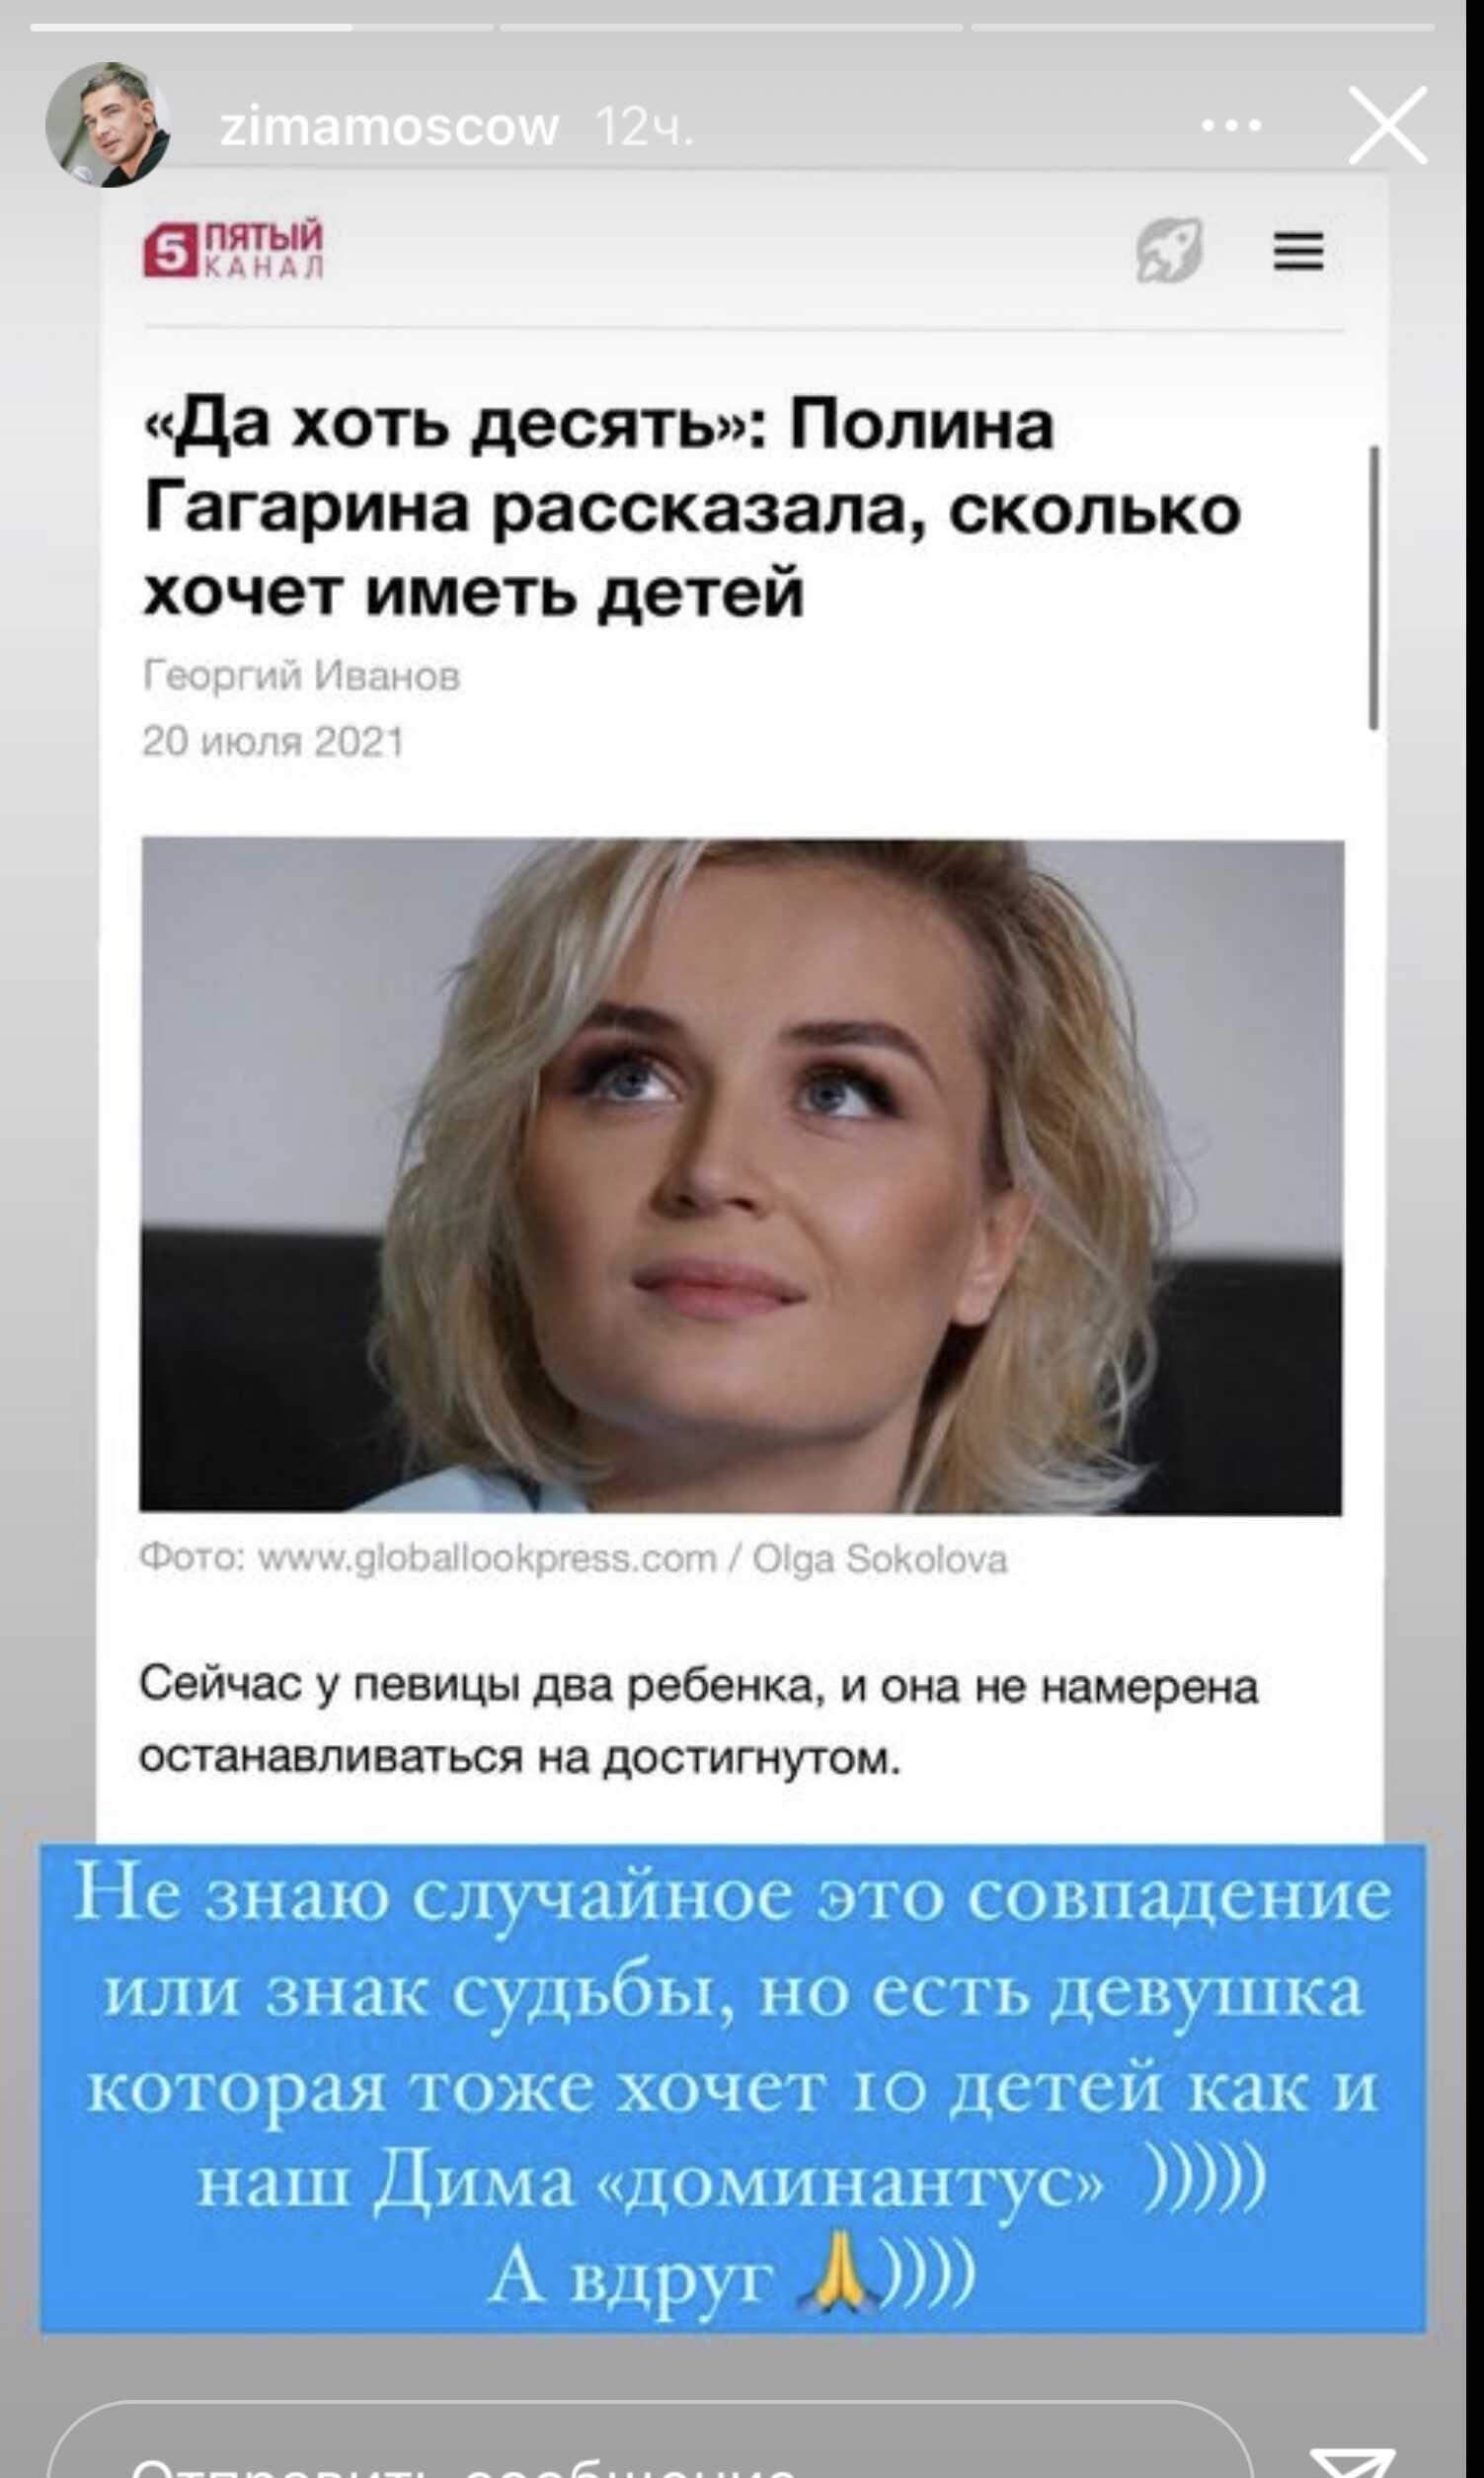 Курбан Омаров заинтересовался желающей побольше нарожать Полиной Гагариной